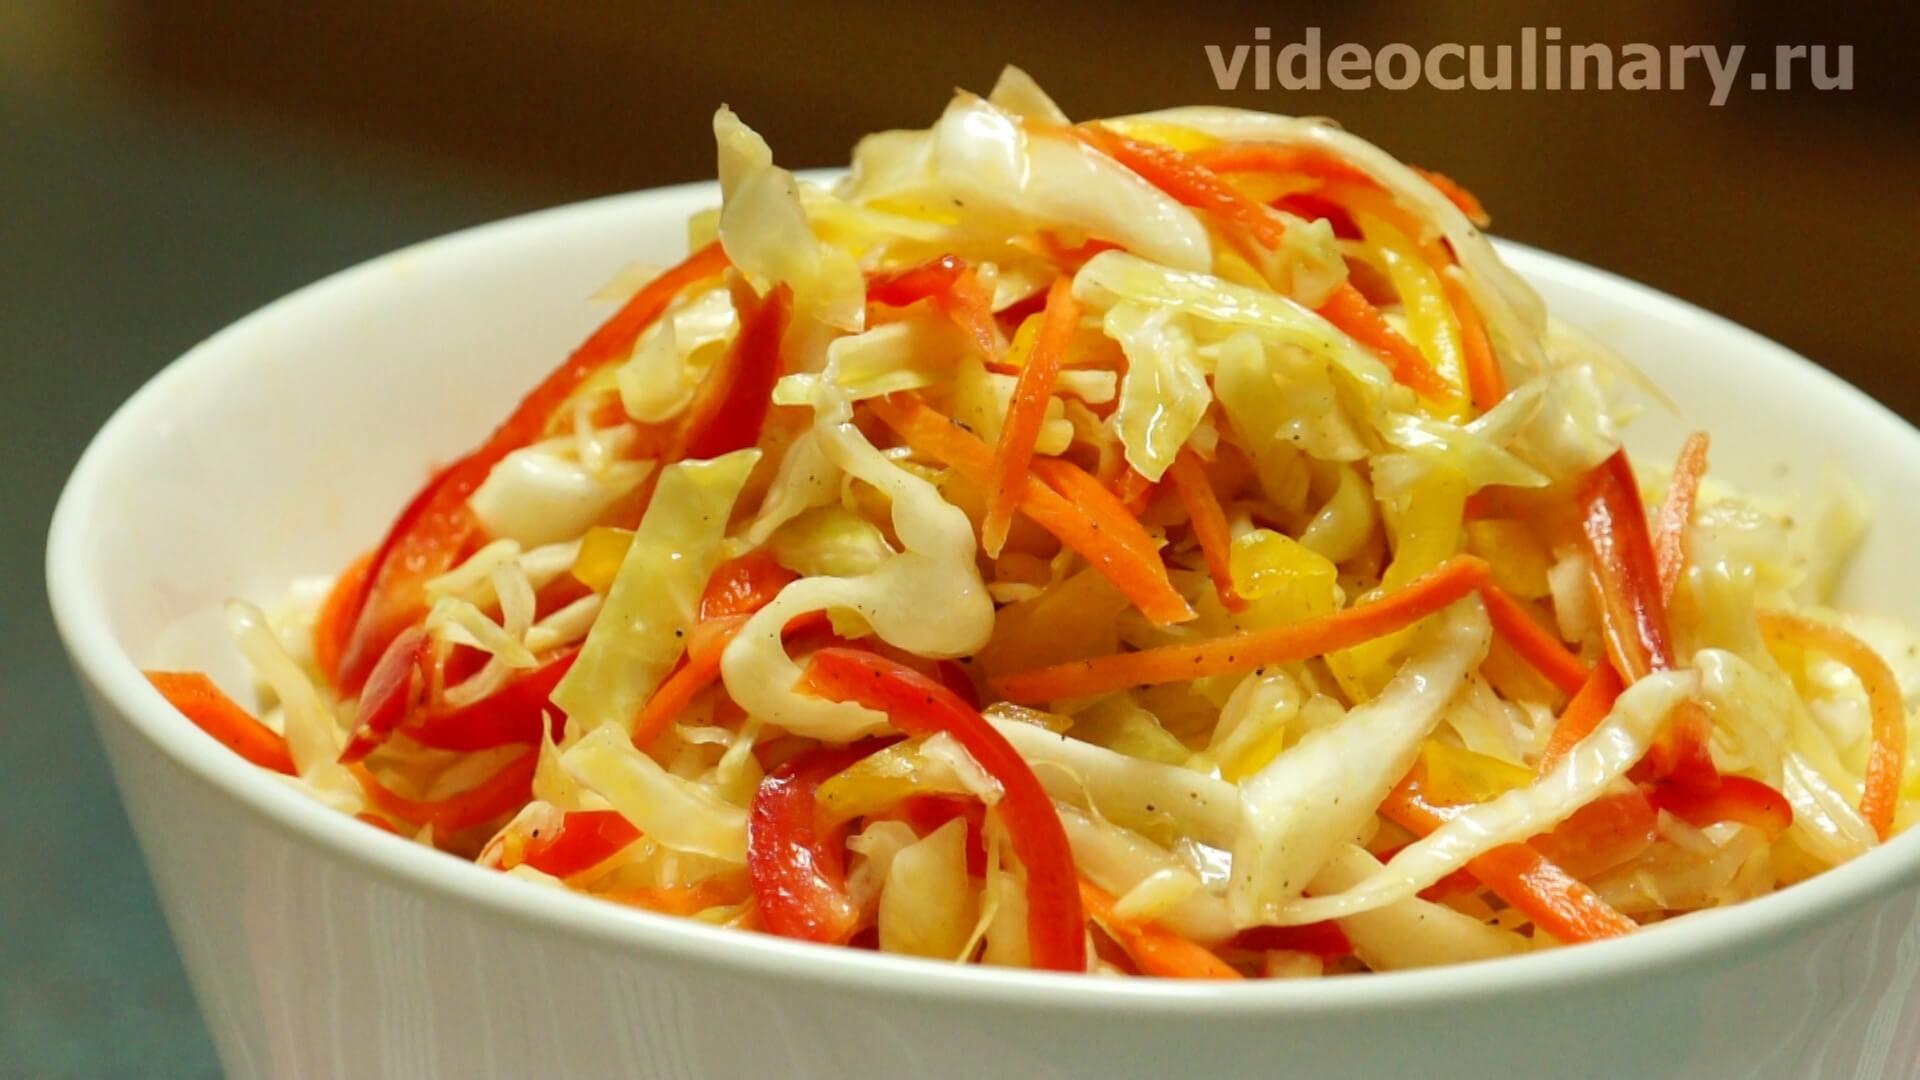 Блюда из краснокочанной капусты рецепты